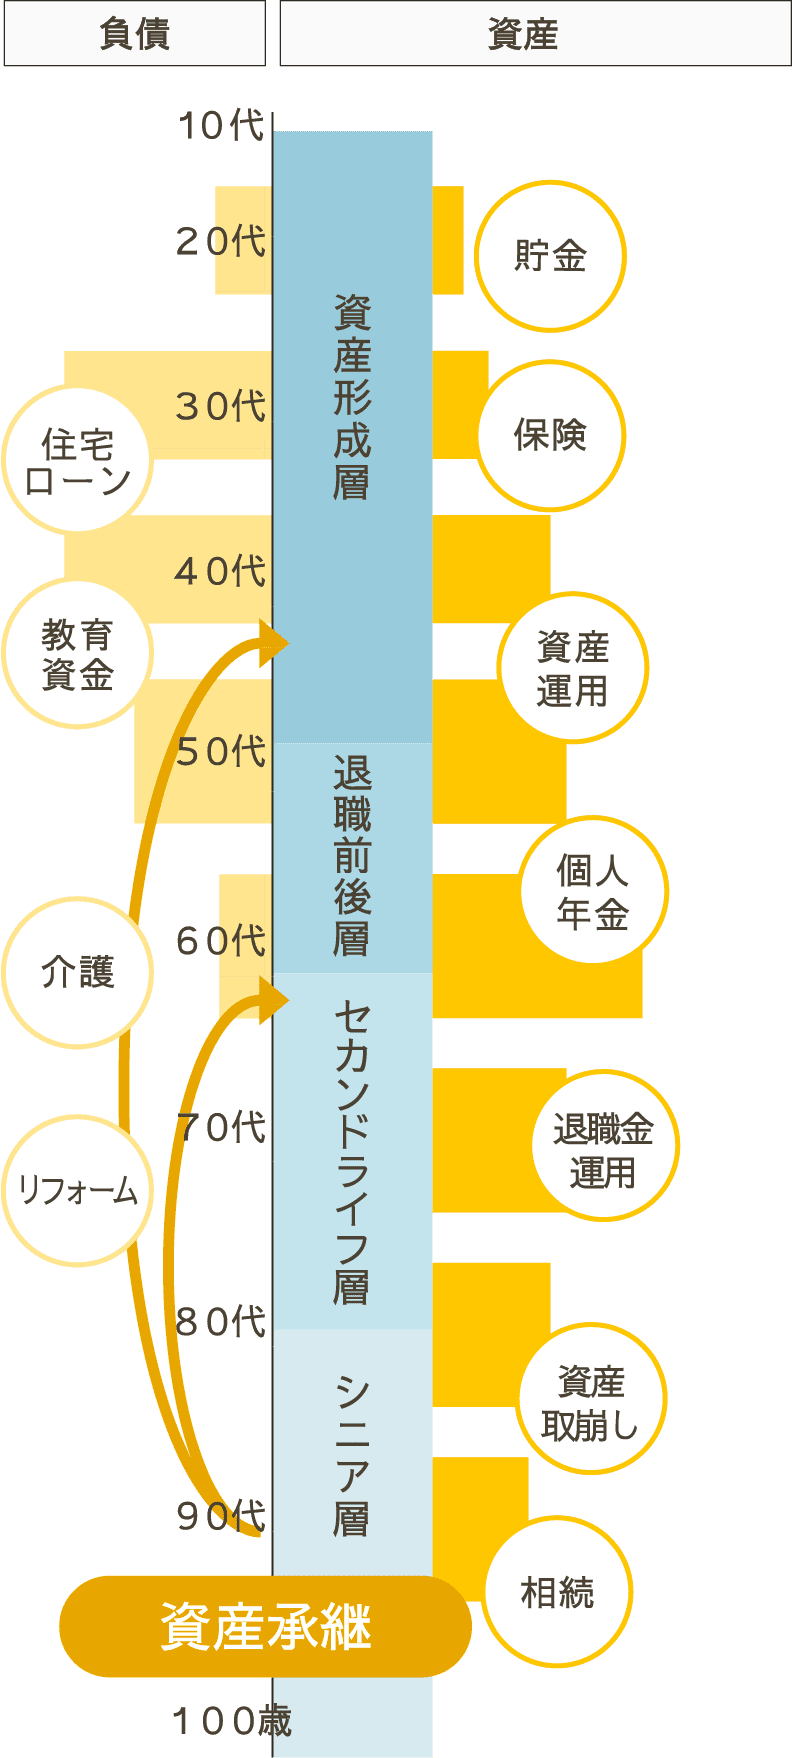 図:資産承継